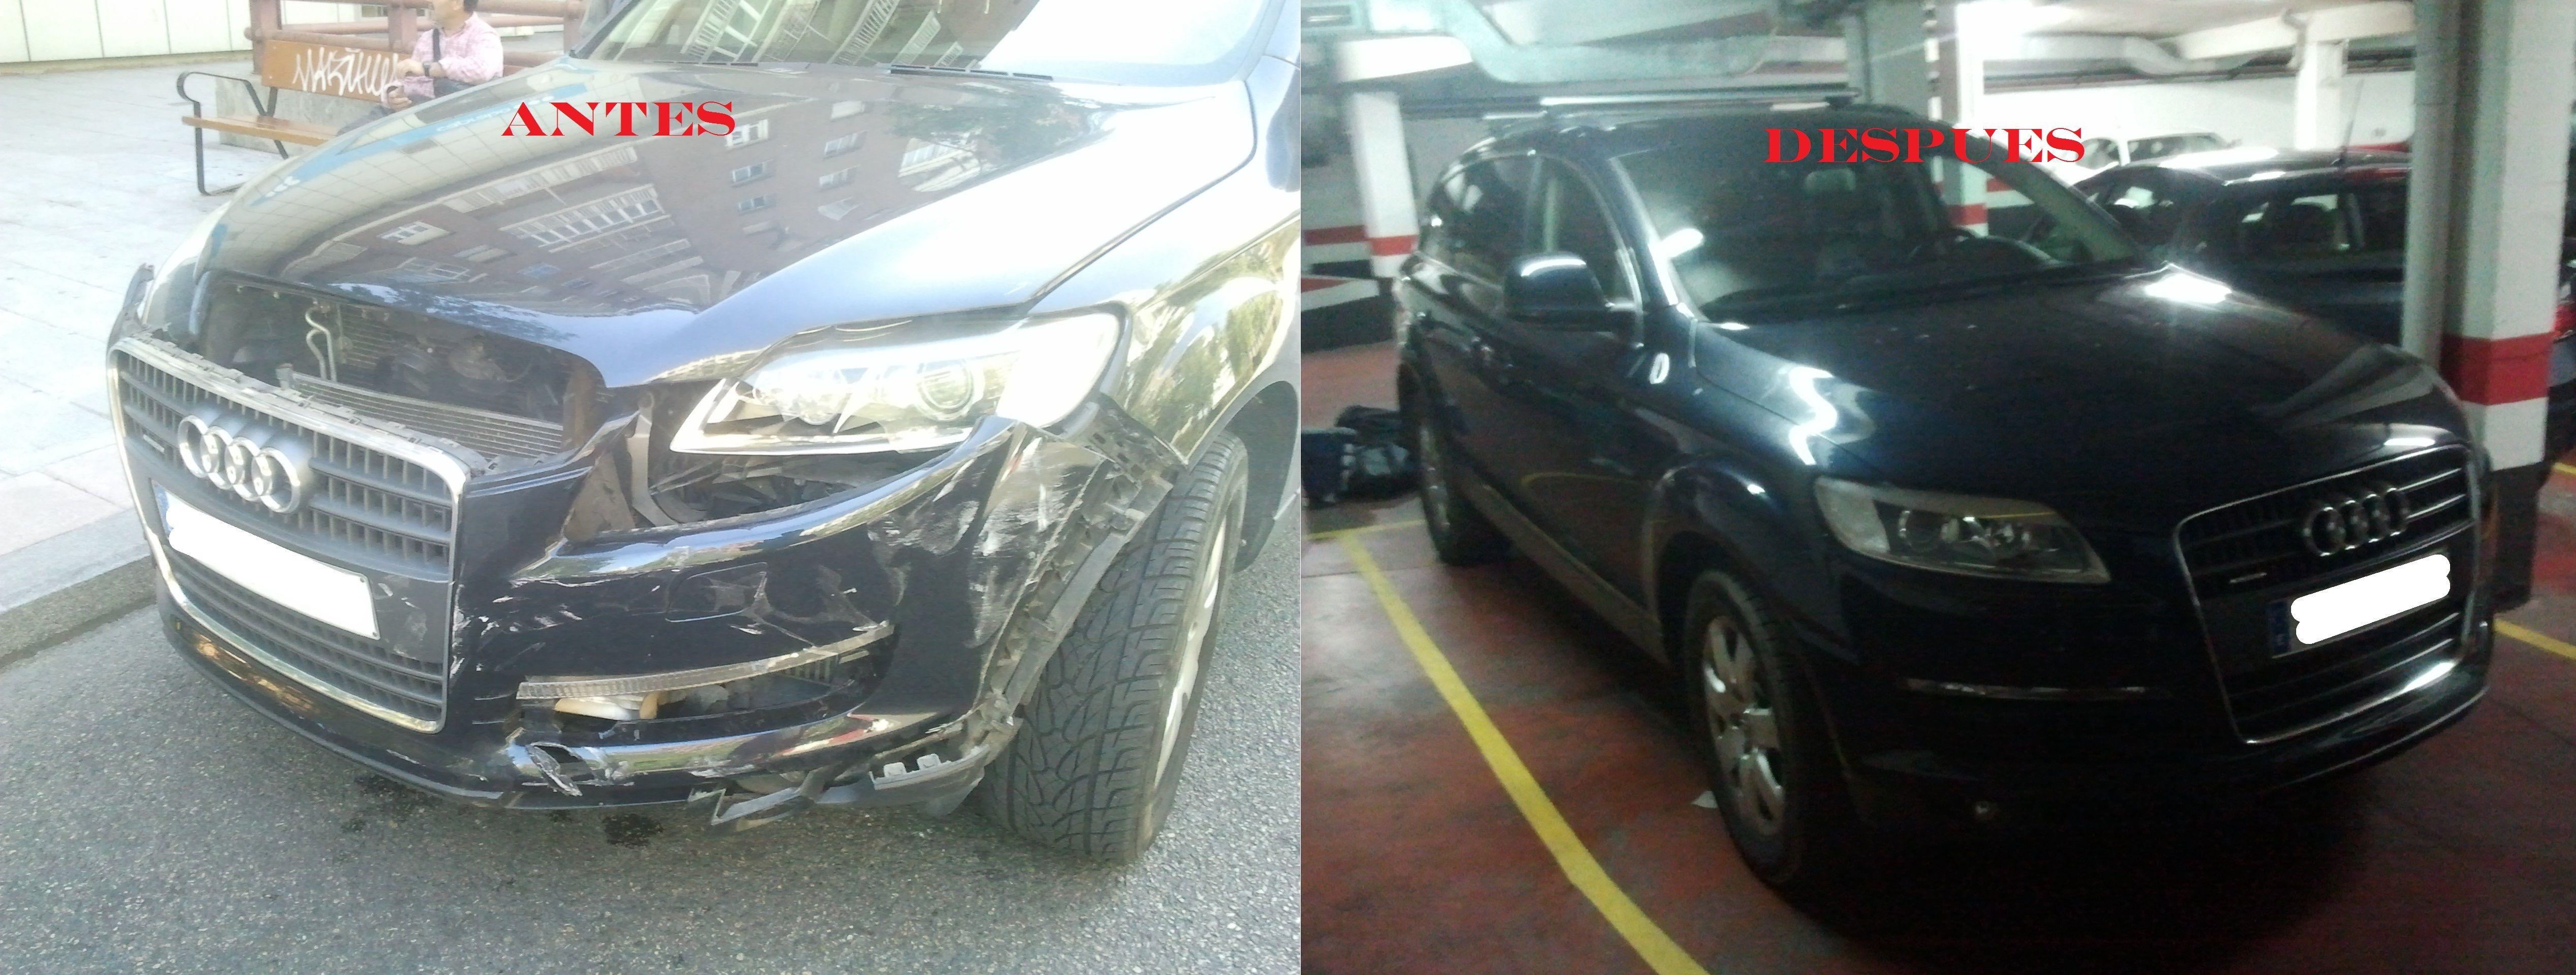 Arreglo de un Audi Q7 en Talleres Roal